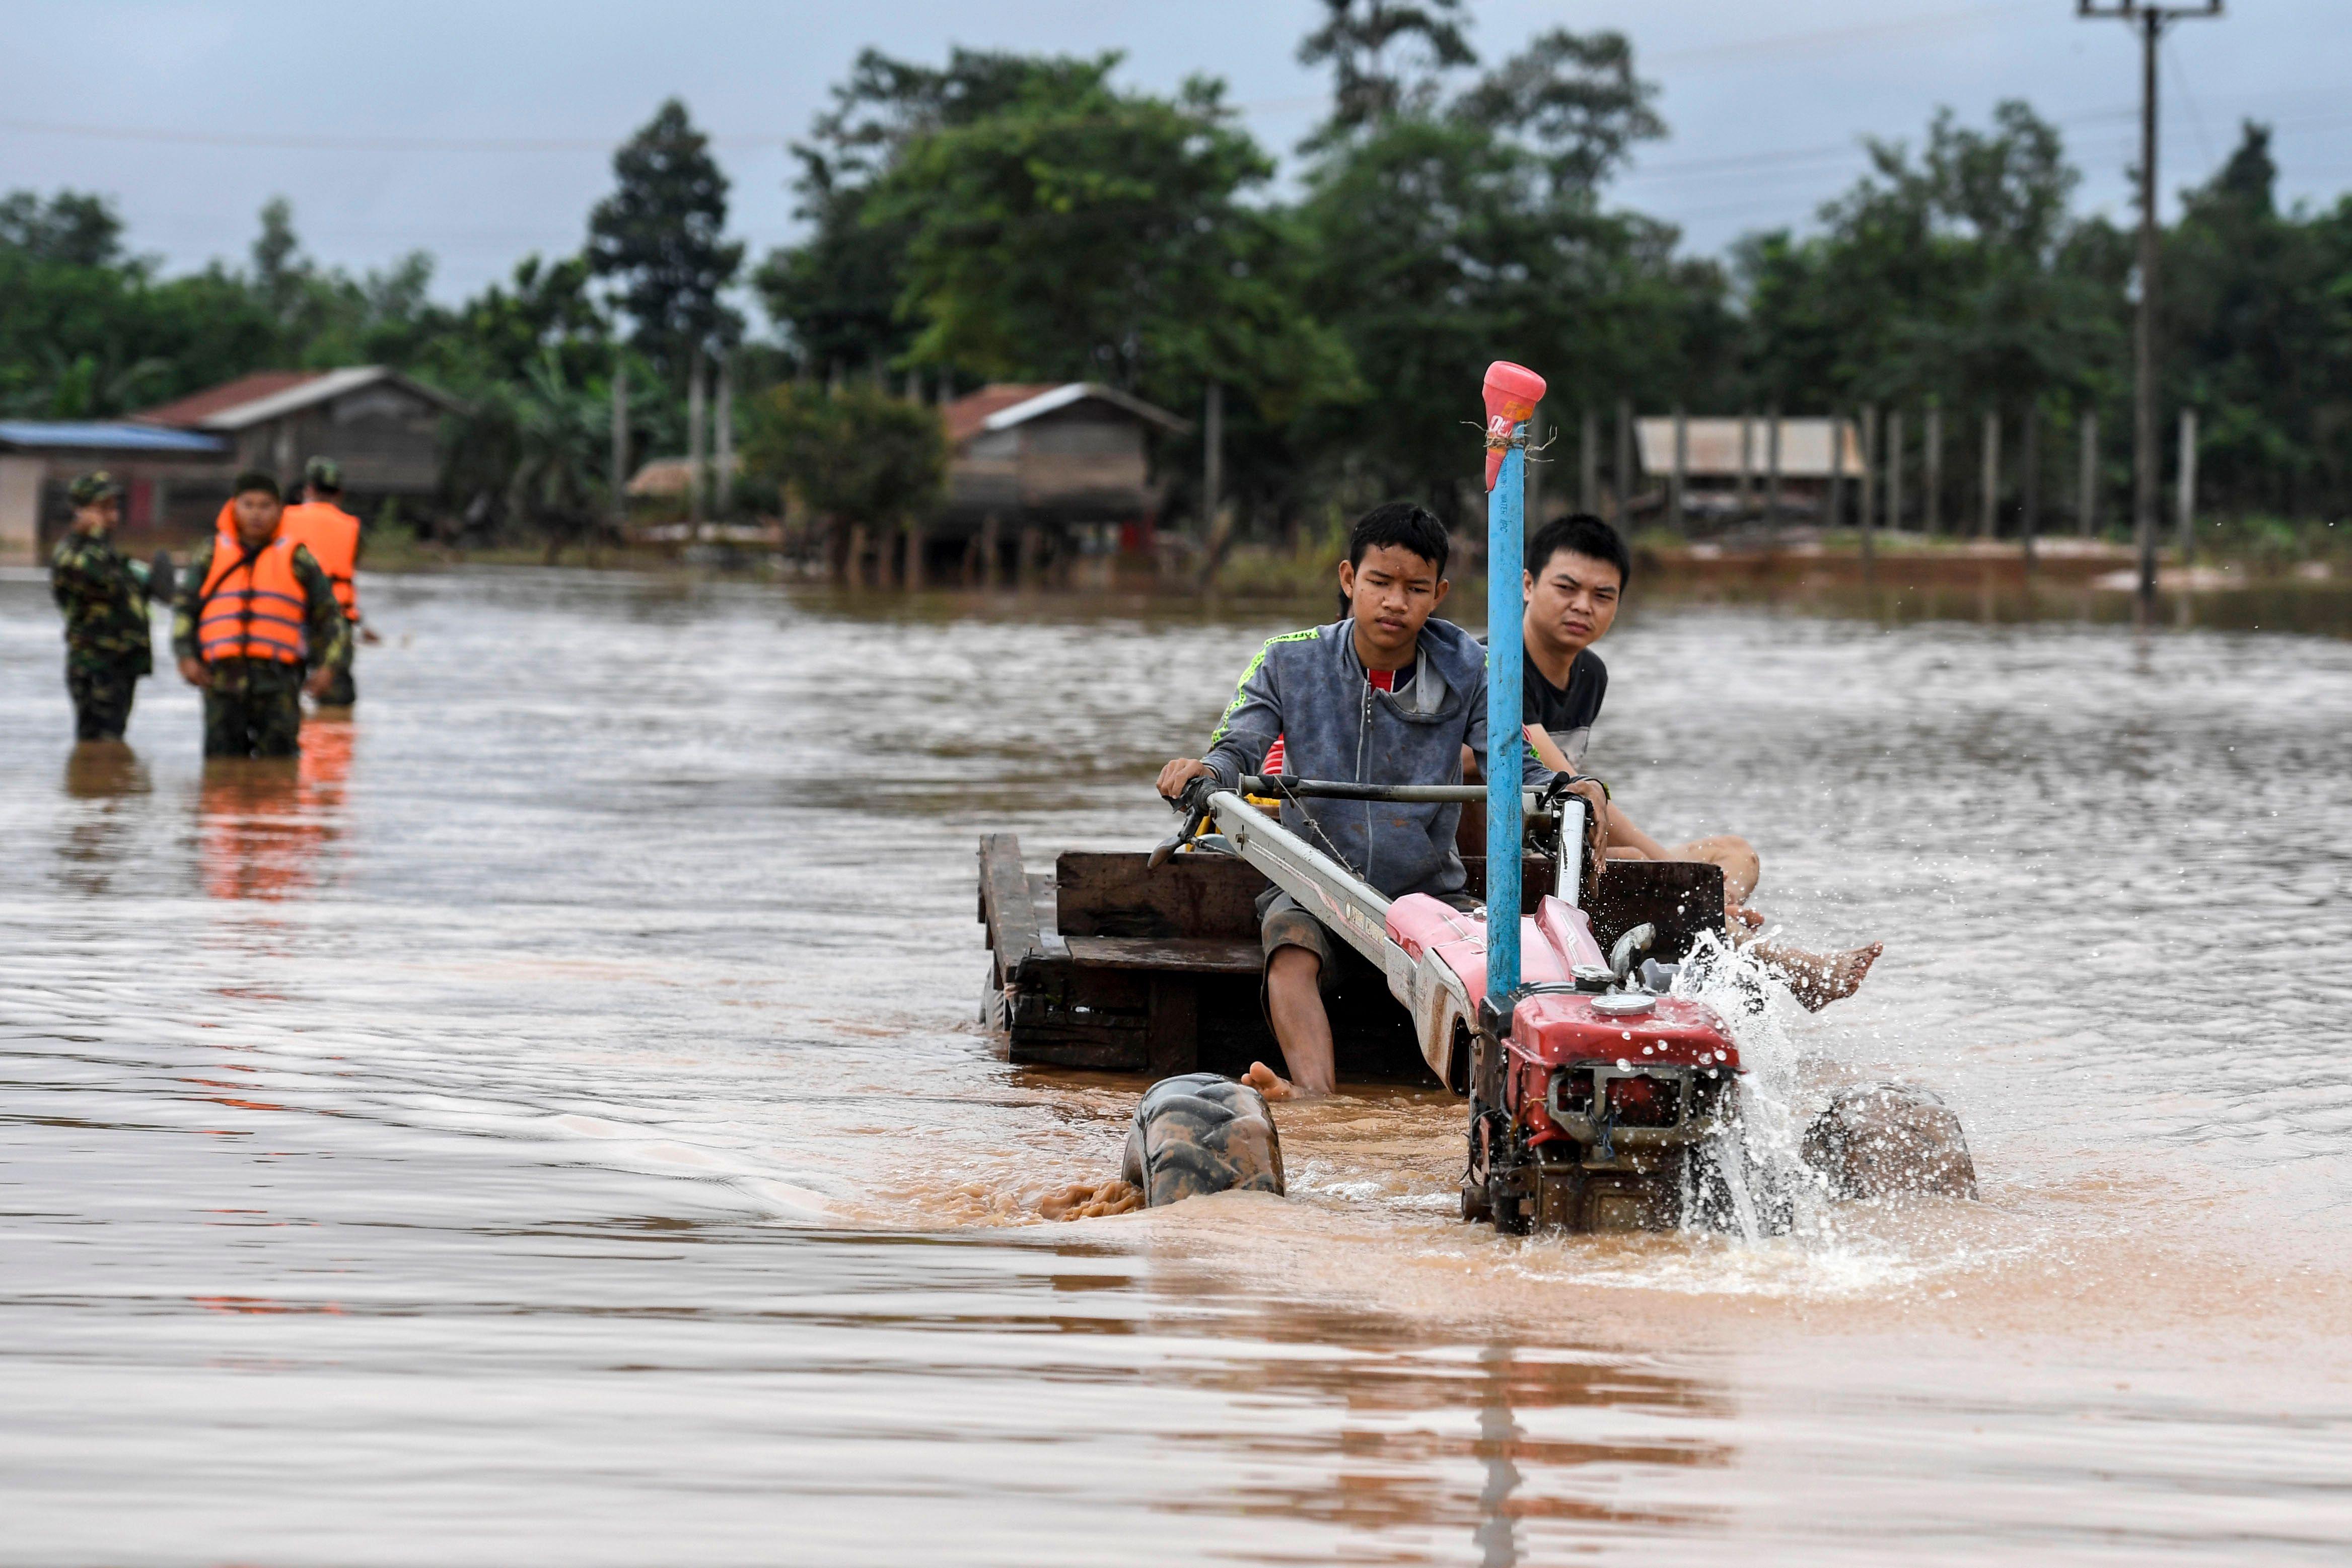 غرق قرى بسبب انهيار السد